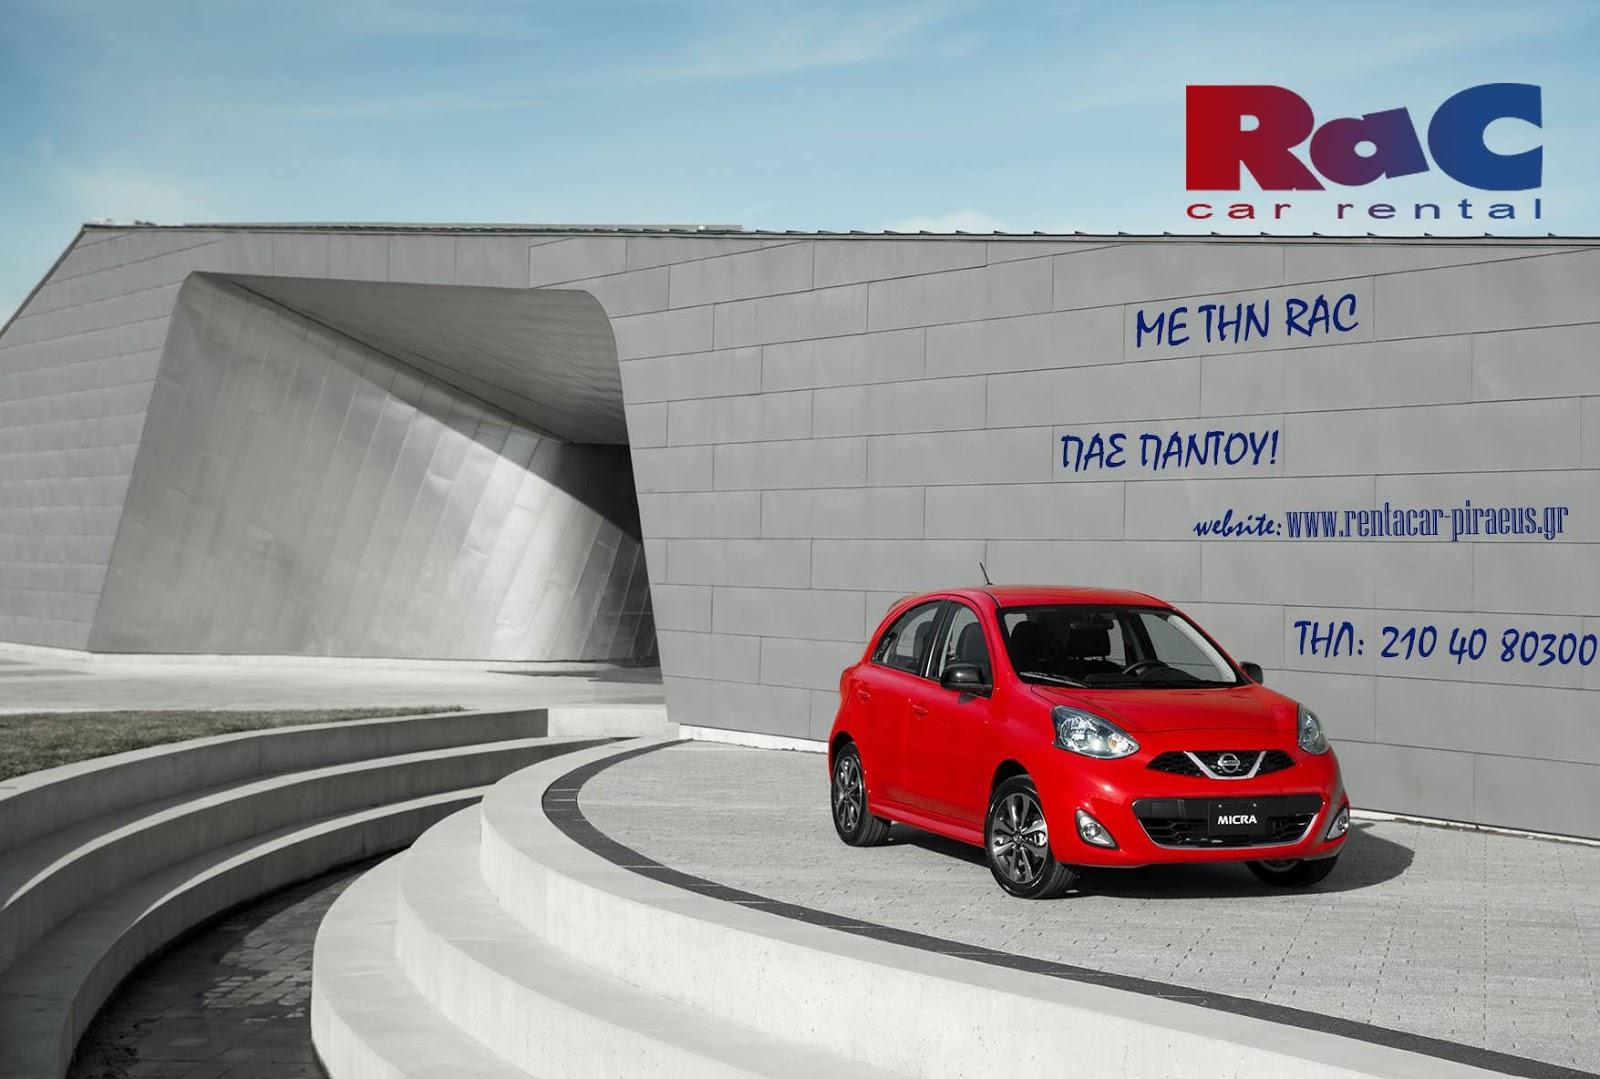 ... Αθήνα Ενοικιάσεις Αυτοκινήτων Αθήνα Rac.SA - Car Rentals Athens - RAC -  Rent a Car Athens - RAC.SA ( http   www.rentacar-piraeus.gr   e2801fb1363